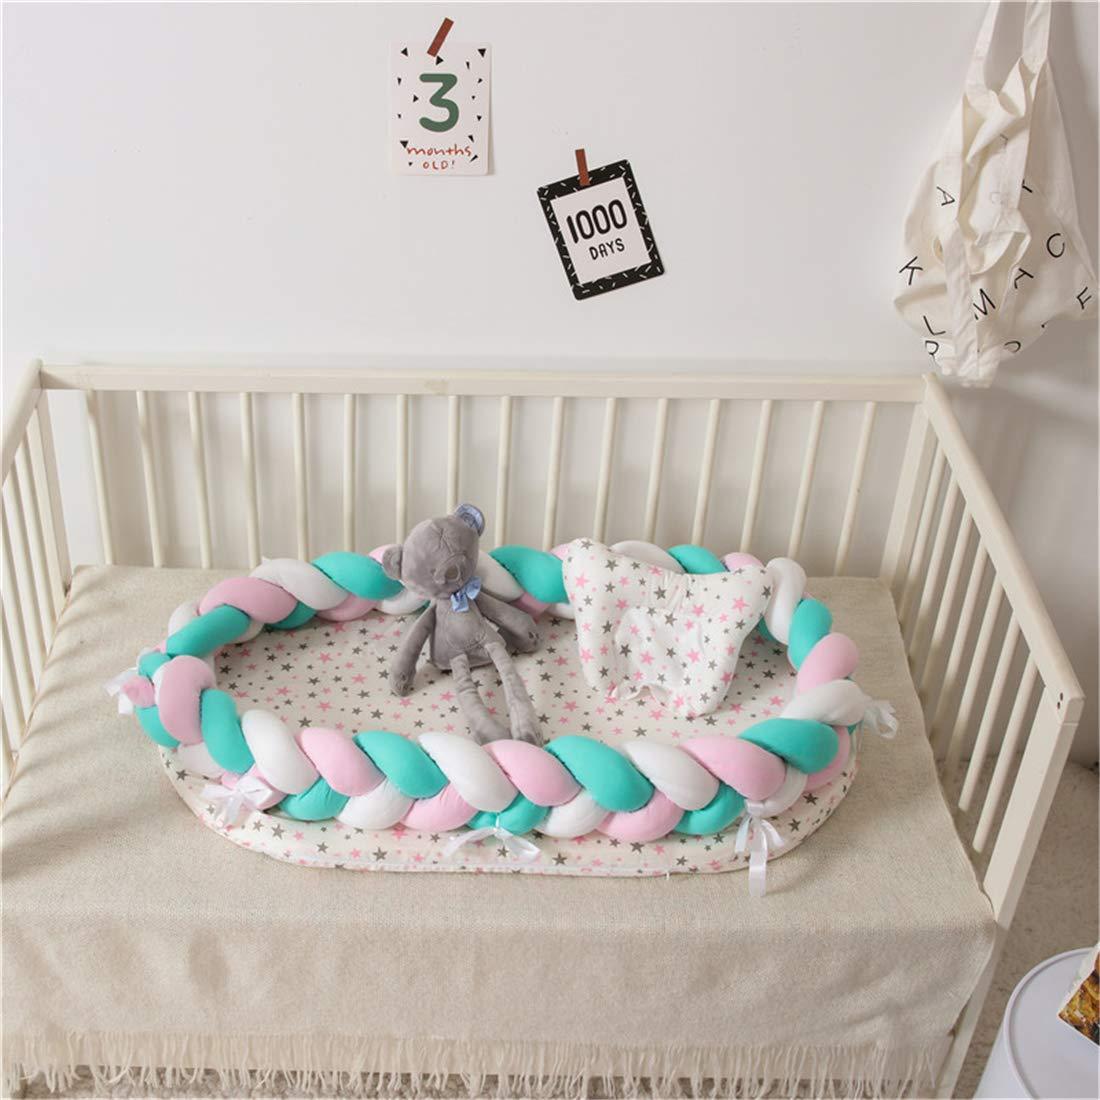 Babynest Kuschelnest Babynestchen 90cm x 50cm x15cm Blau Hayisugar Multifunktionales Babybett Weiches und sicheres Baby-Reisebett Babybett Nestchen f/ür Neugeborene